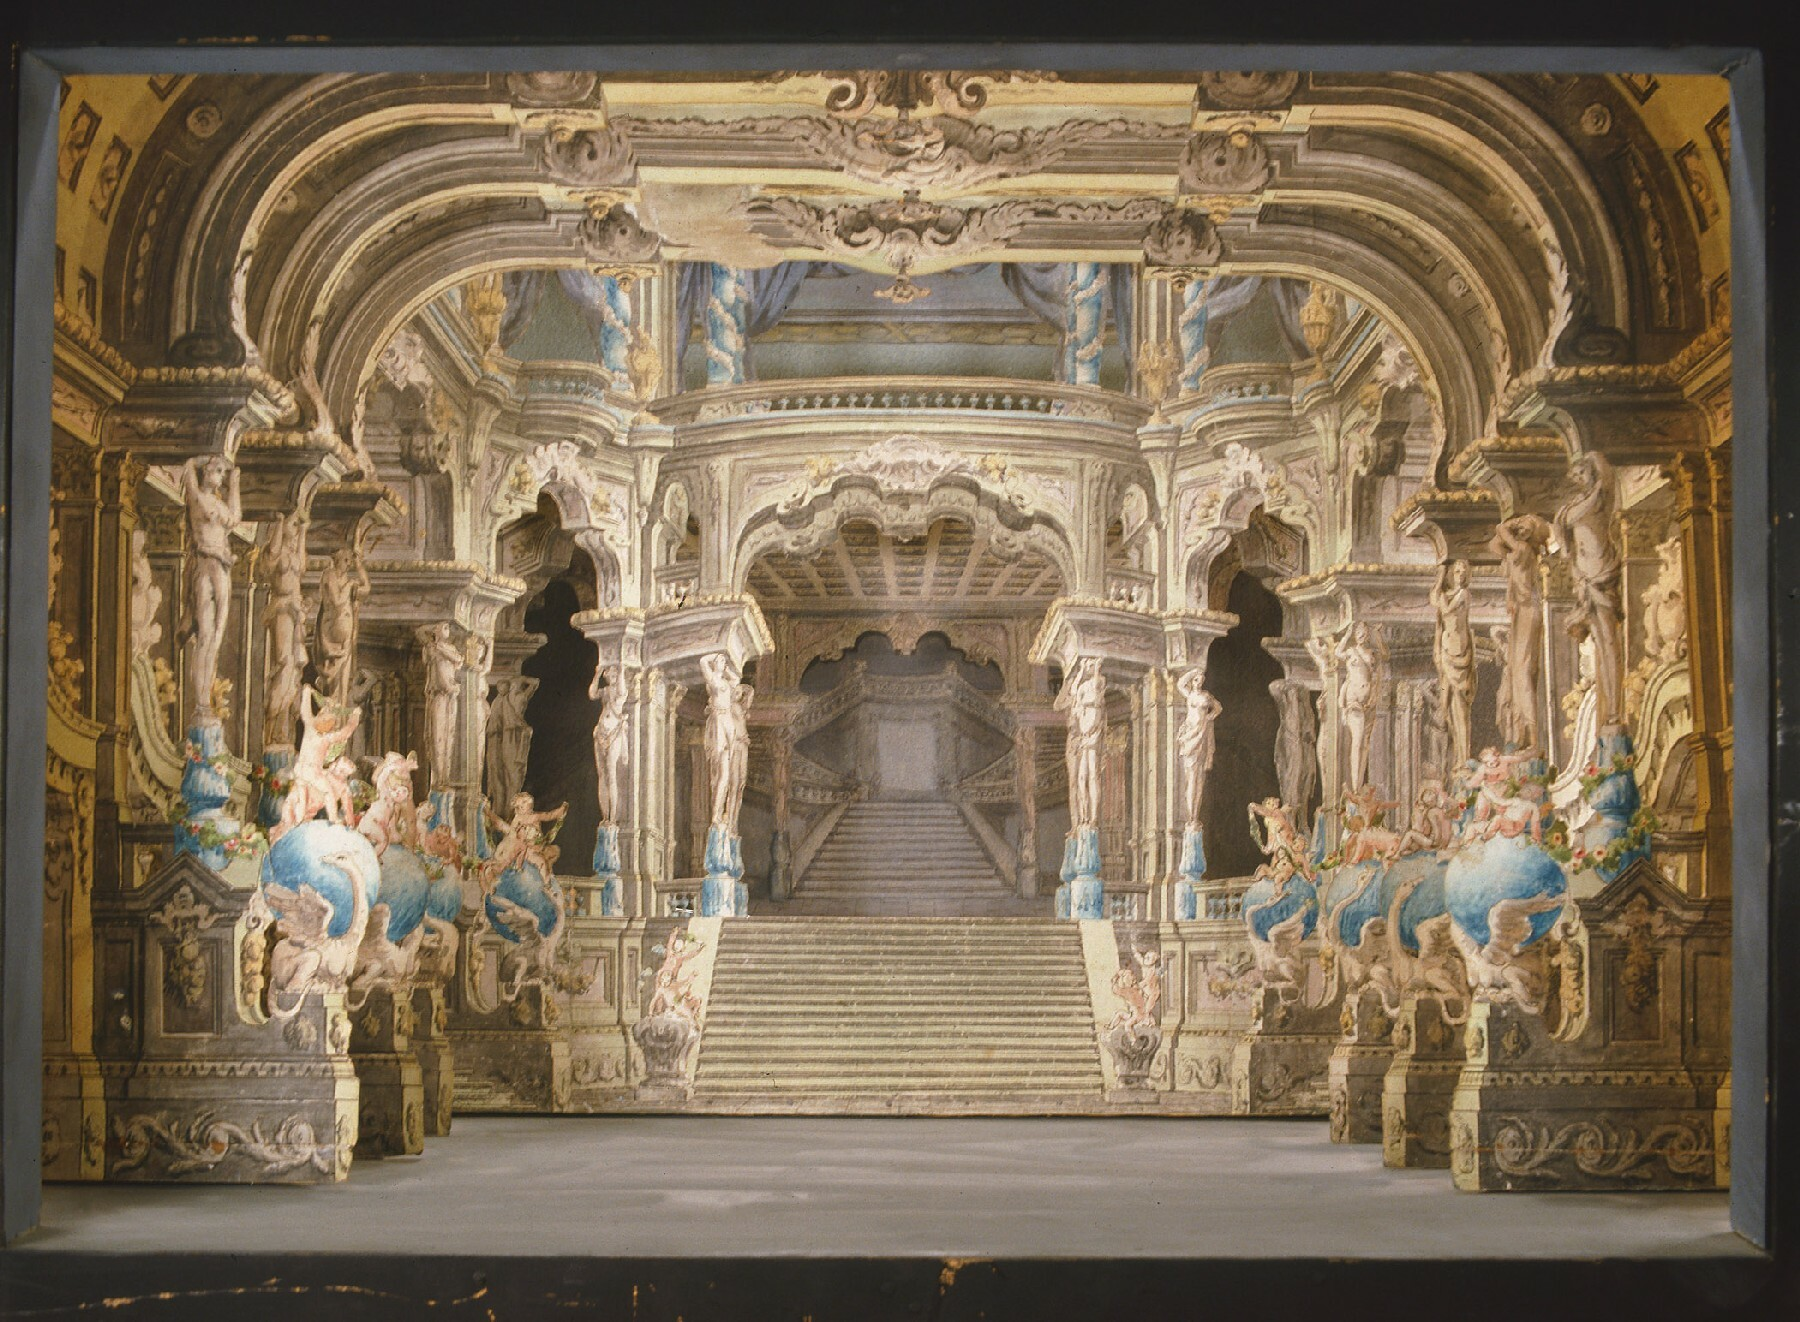 Modell zu einer Palasthalle mit anschließender Prunktreppe von Lorenzo Sacchetti